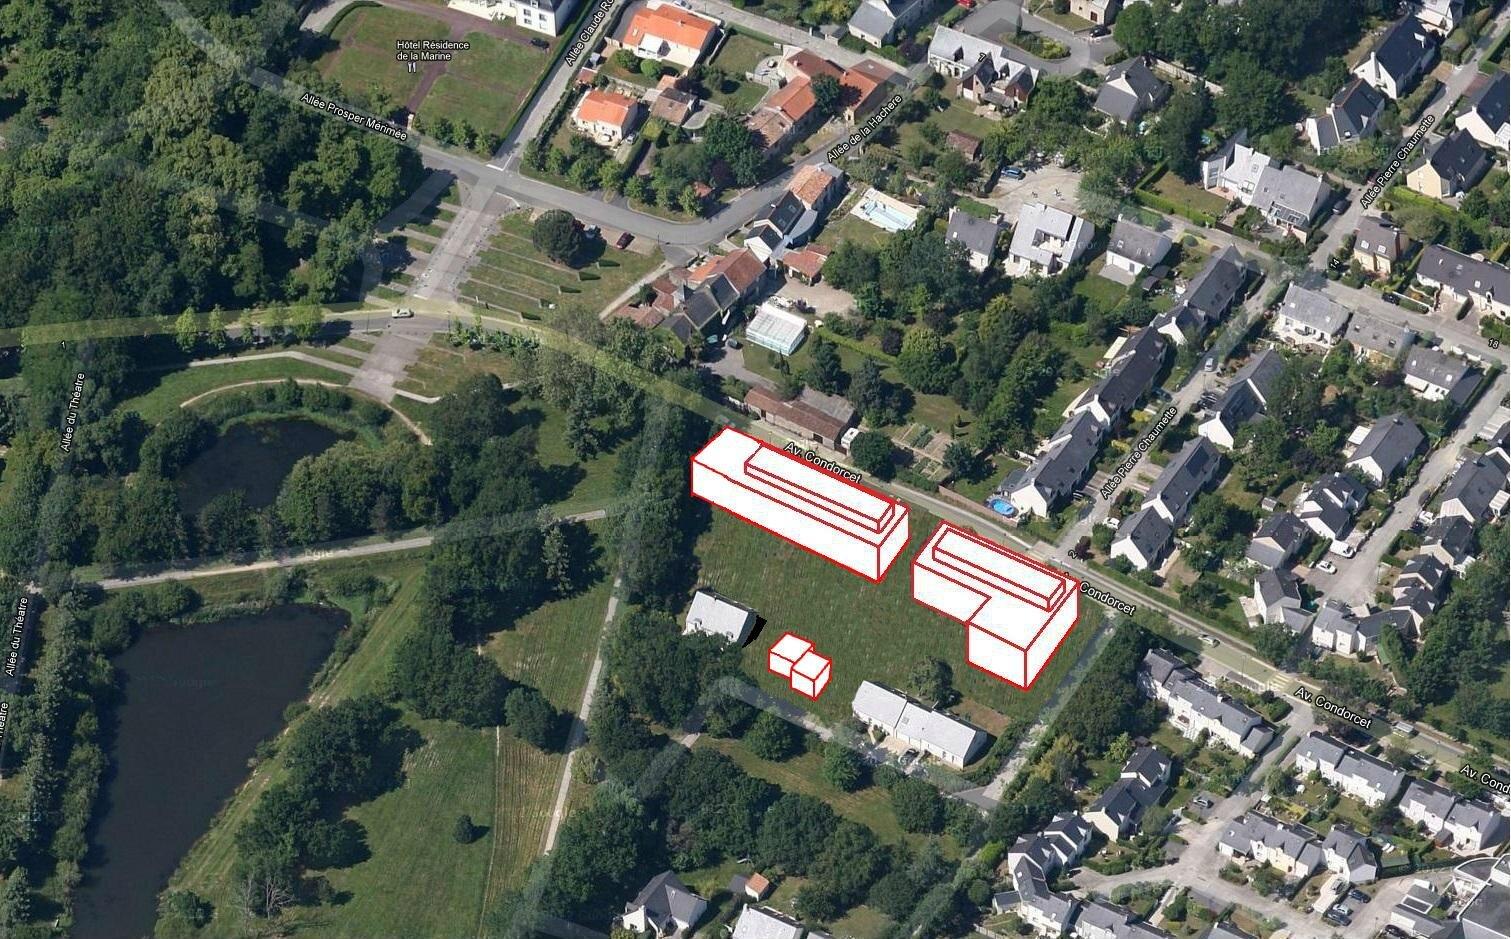 Vue aérienne : simulation du projet d'immeubles